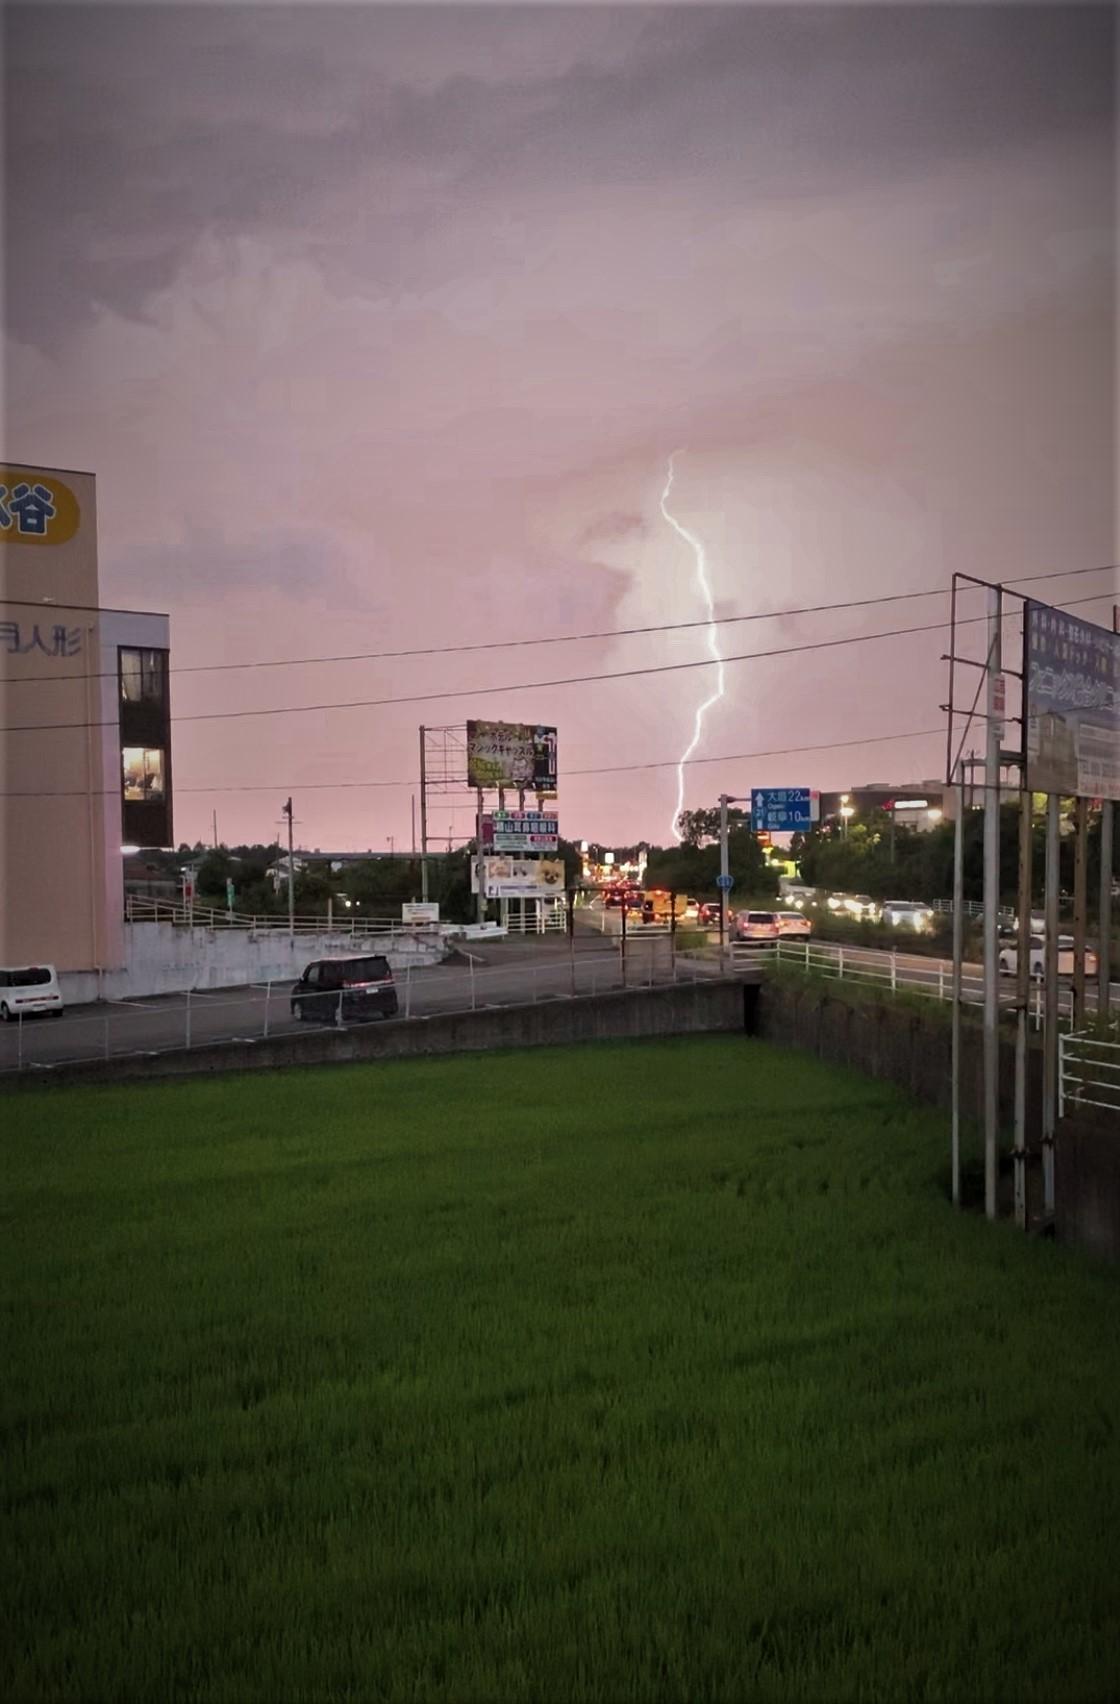 バイク乗ってて雷は大丈夫か?_a0165898_18343575.jpg